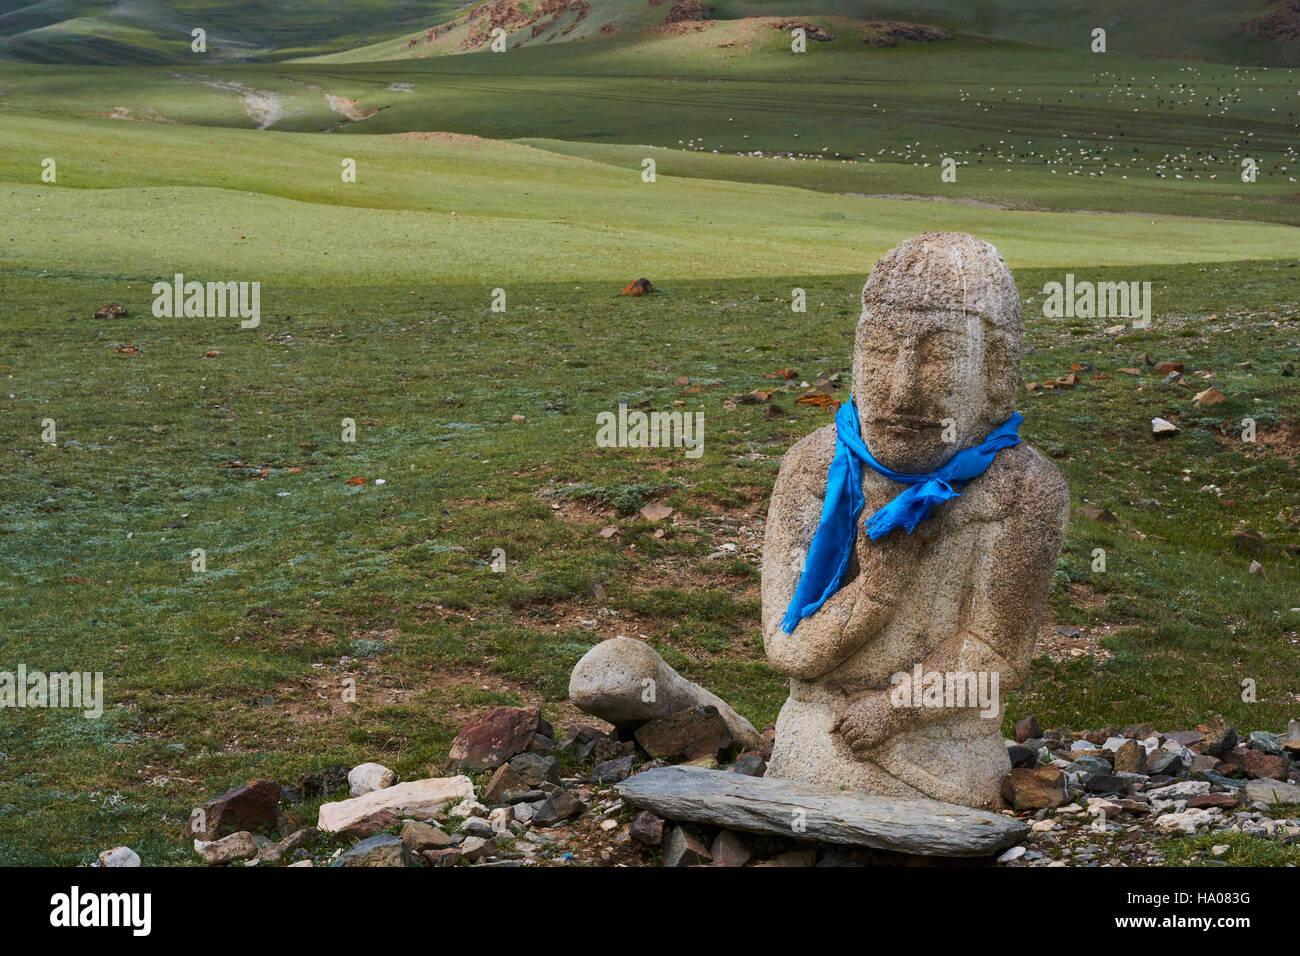 Mongolei, Gobi-Altai-Provinz, westlichen Mongolei, Stele in Menschengestalt, IV-VIII Jahrhundert Stockbild